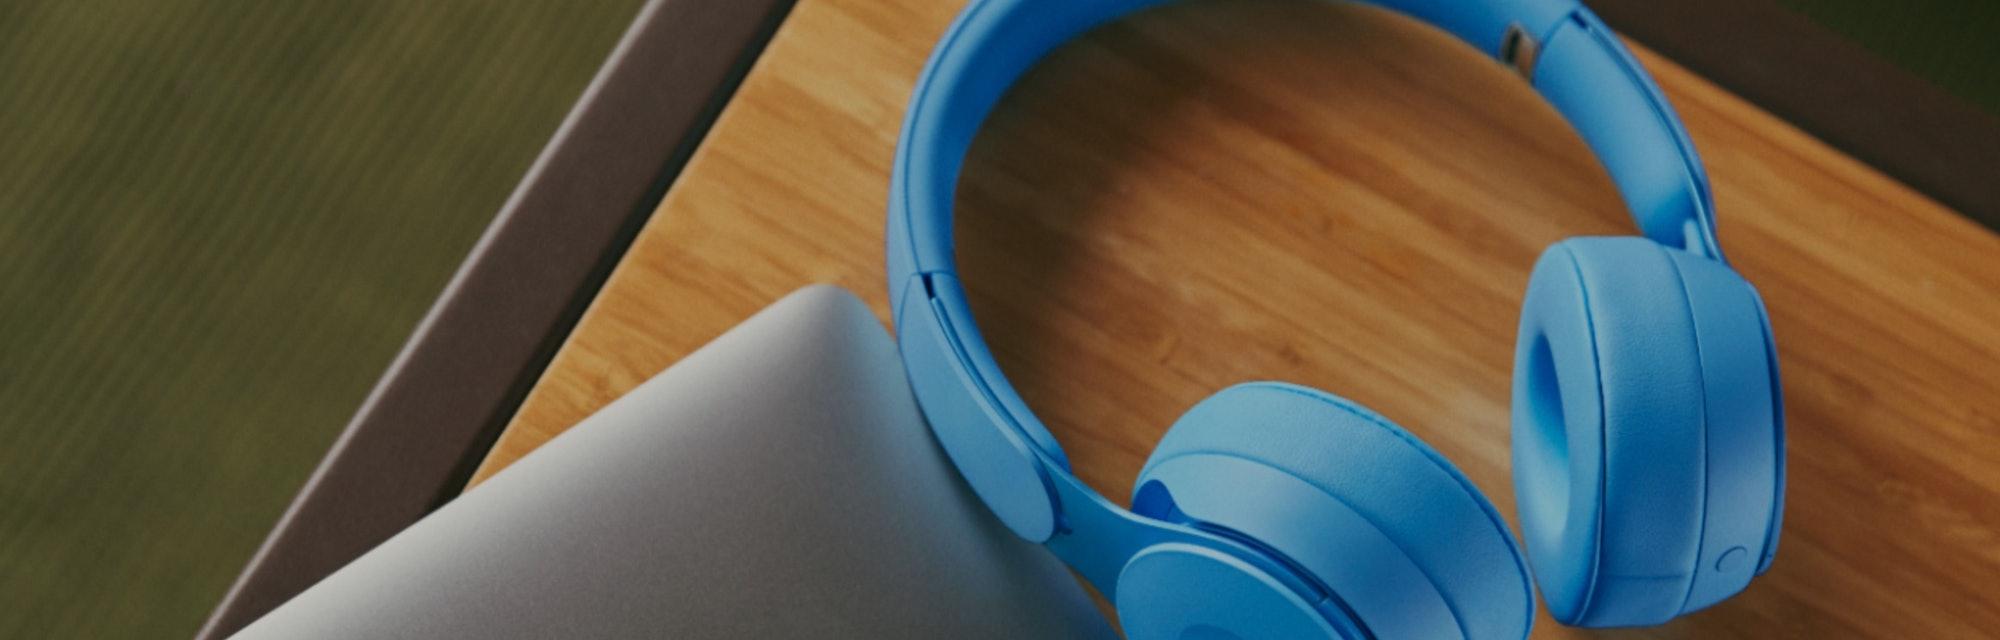 Solo Pro headphones